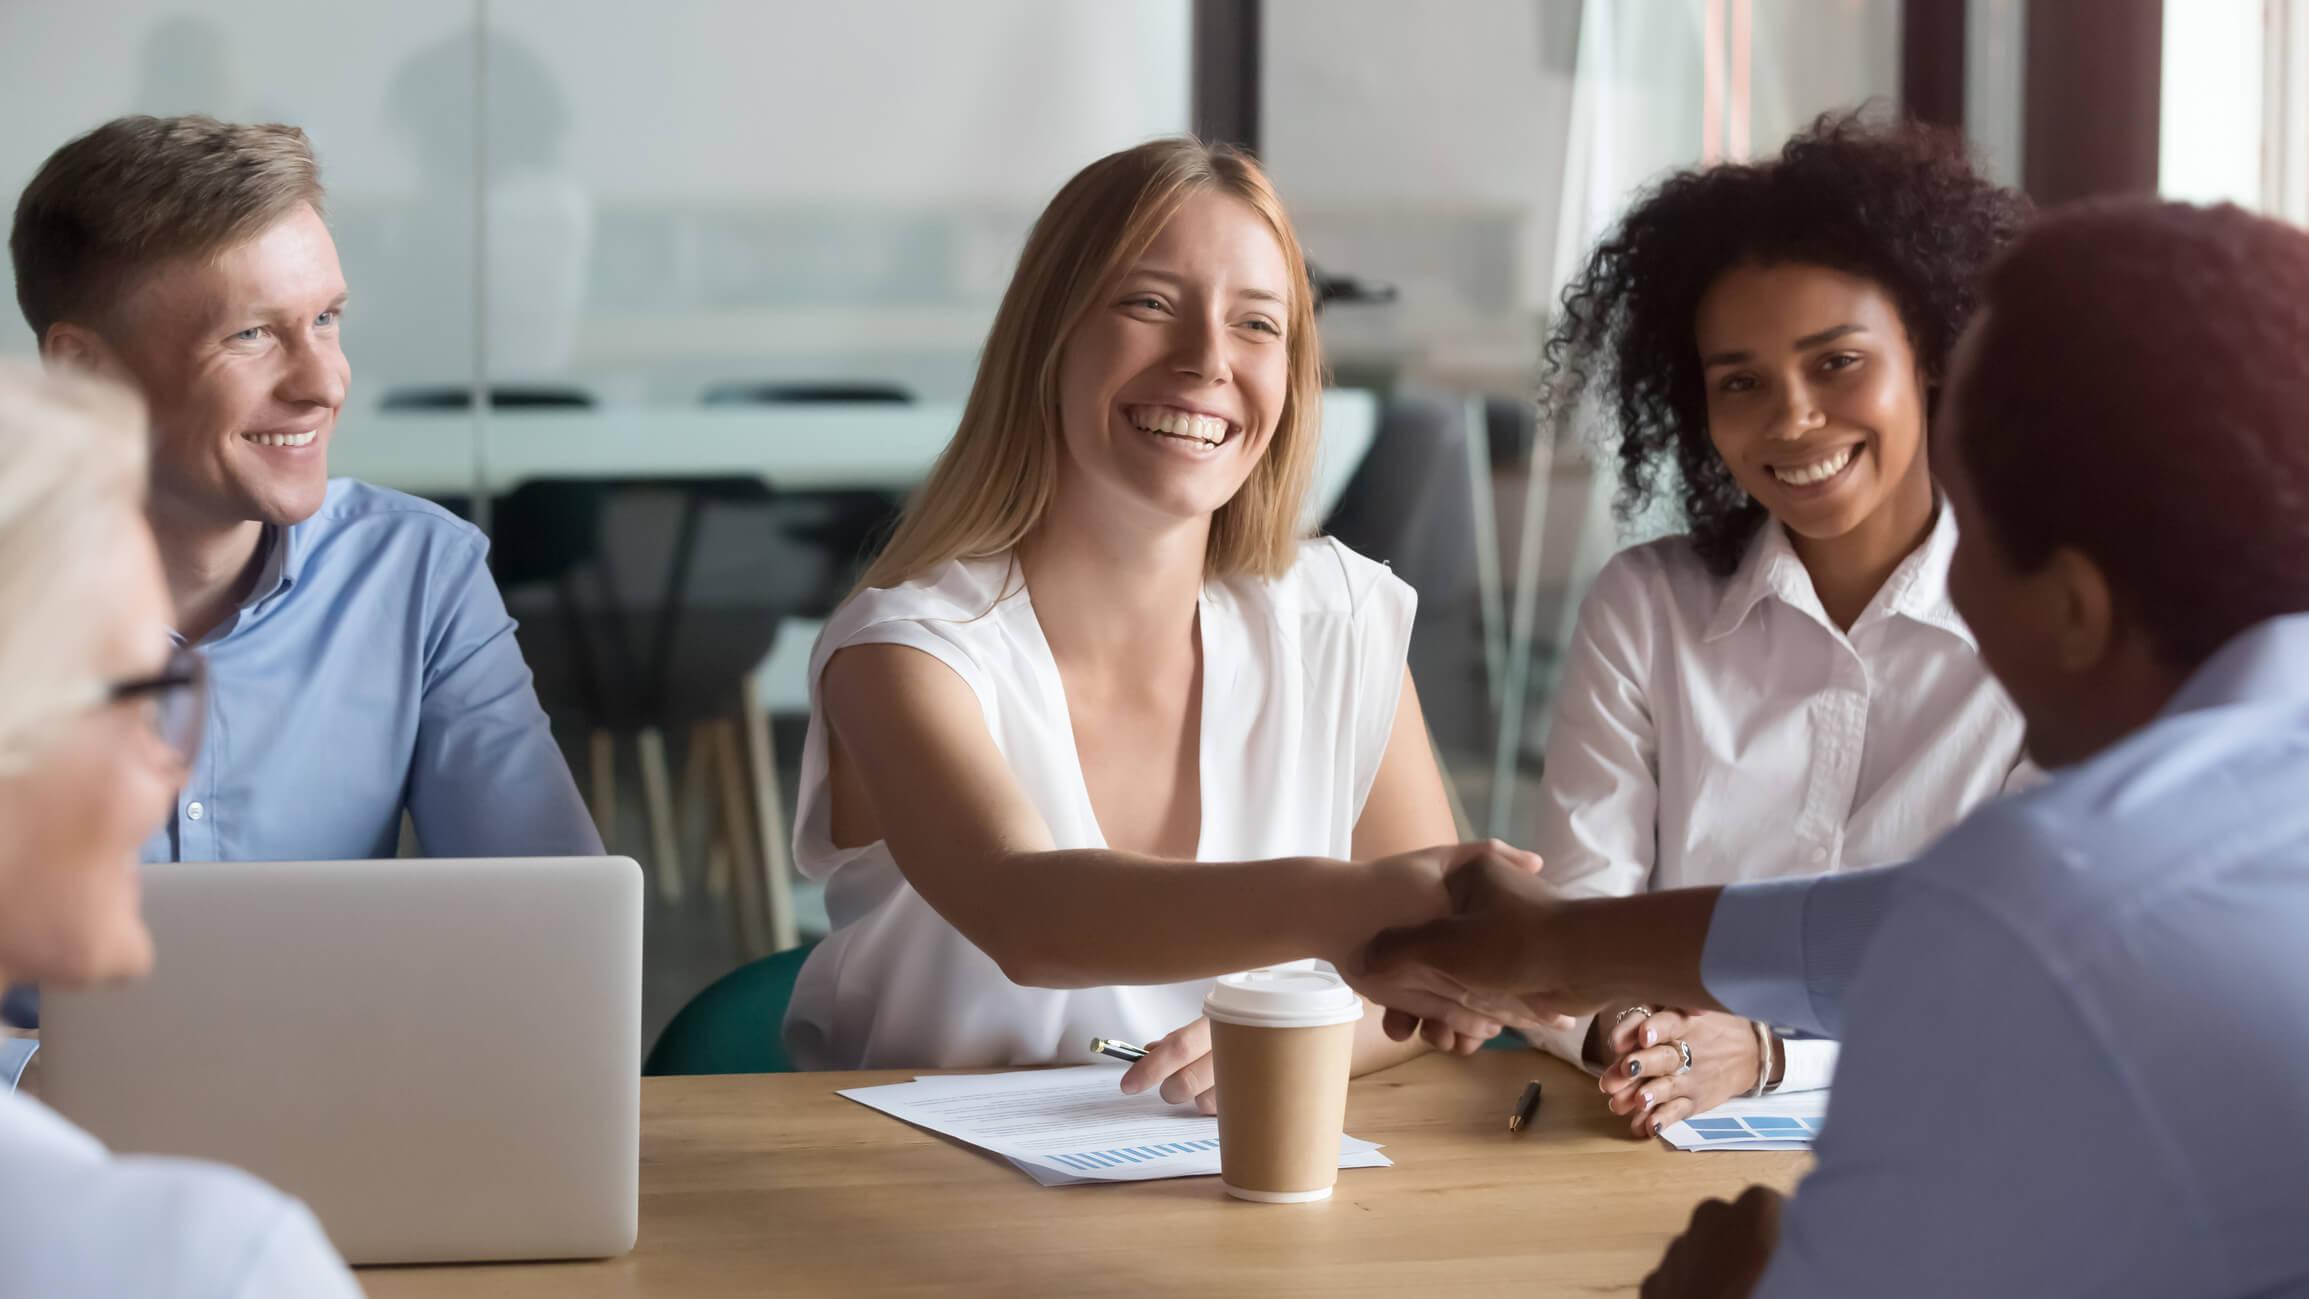 Checklist for Sales Negotiations